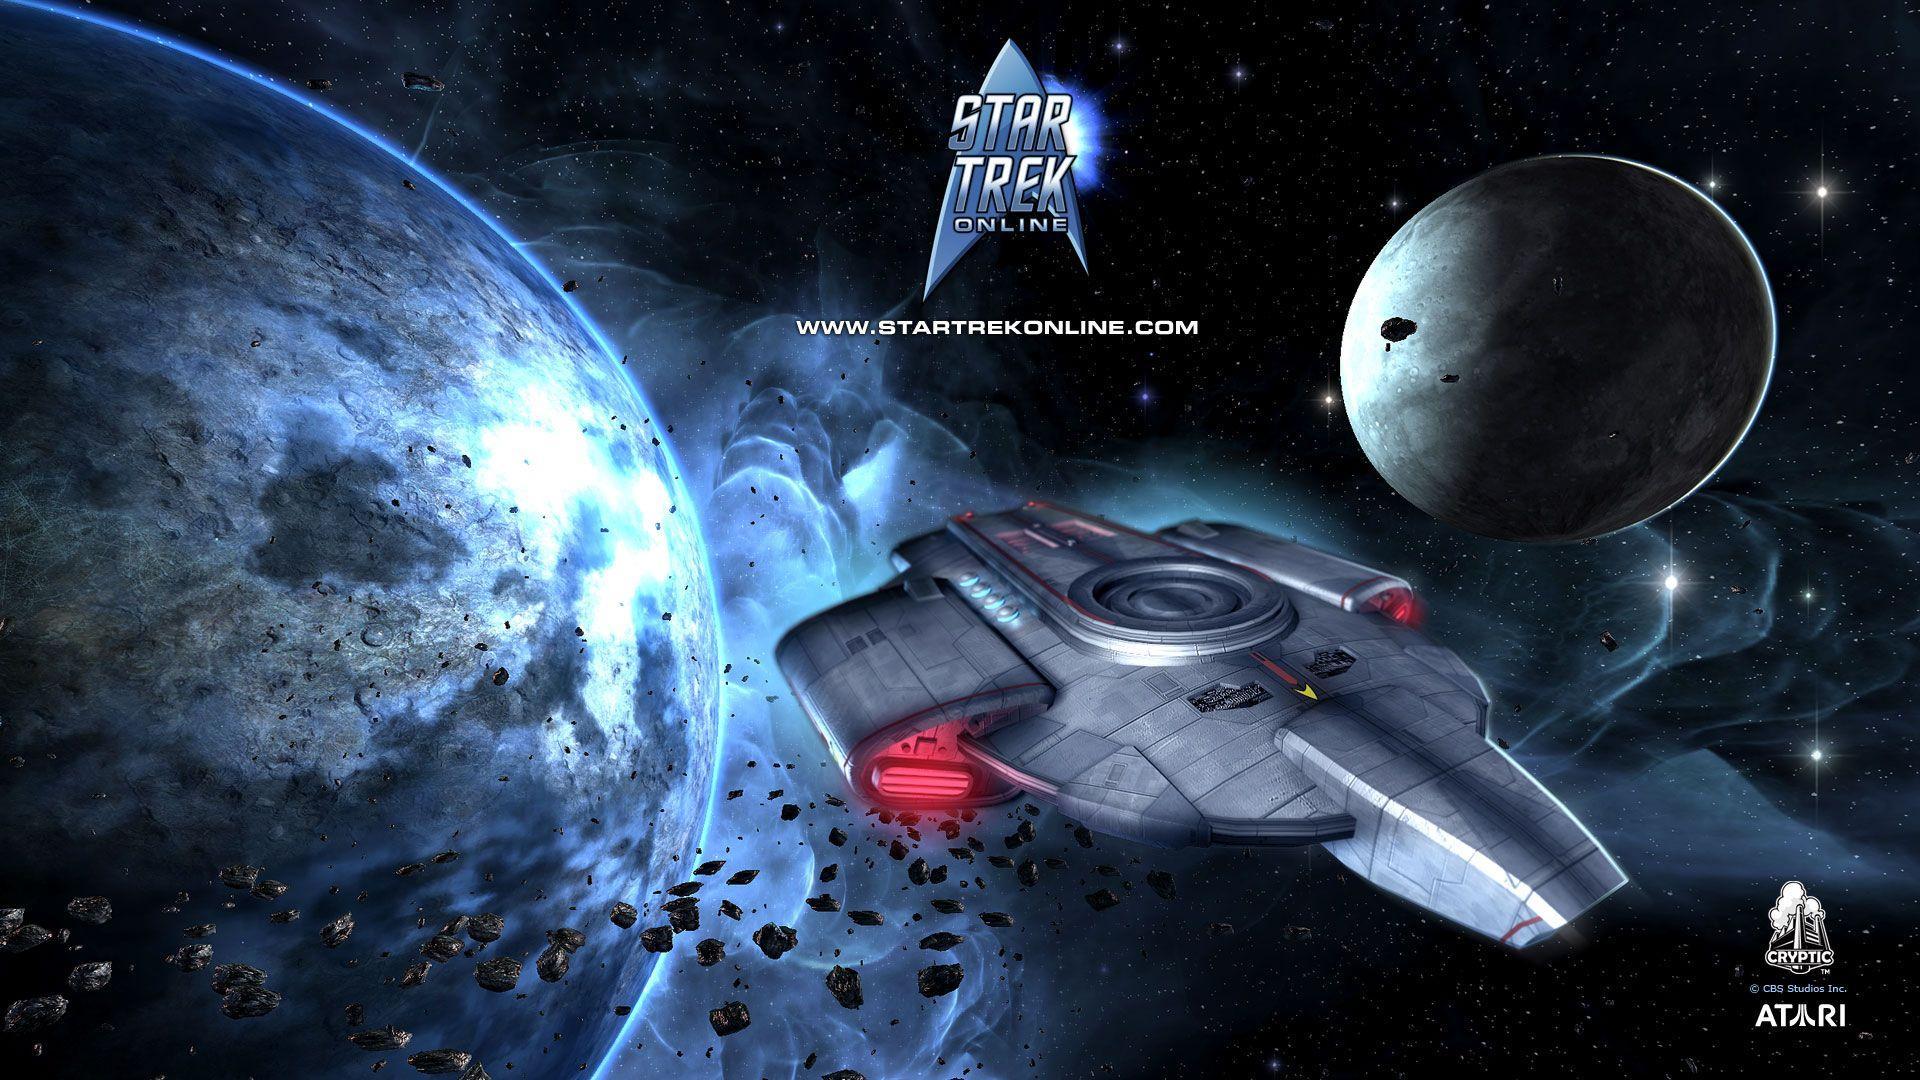 Star Trek Wallpapers High Resolution 1920x1080